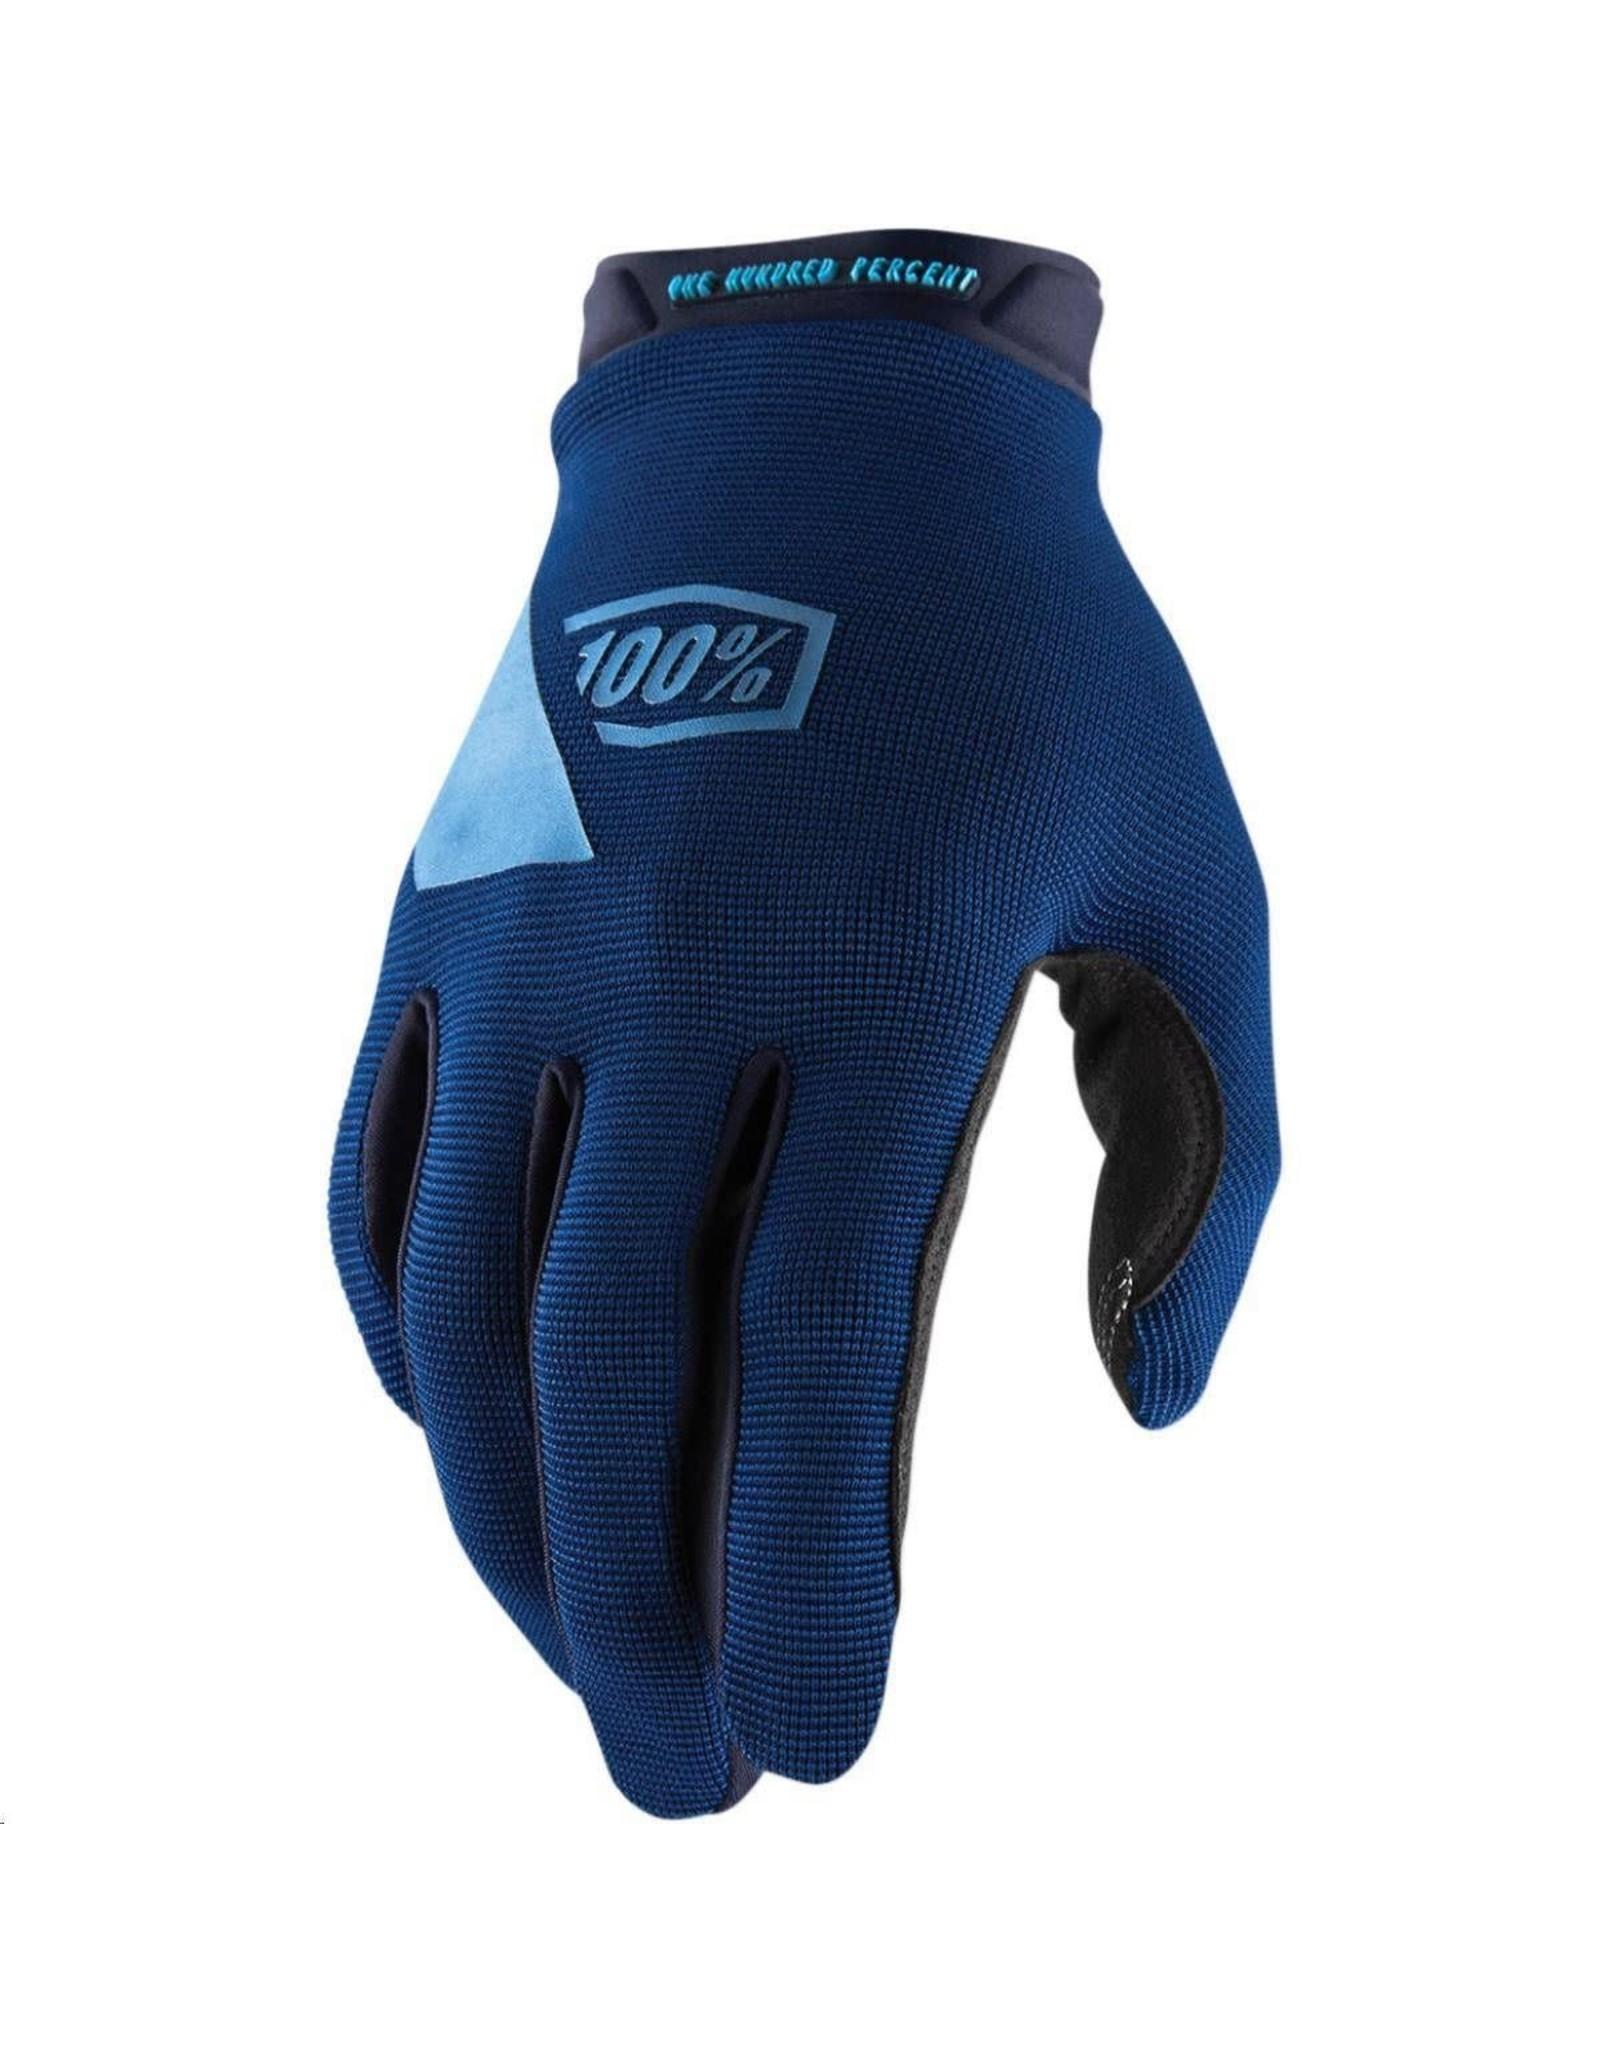 100% 100% - Gloves RIDECAMP Glove Navy - S